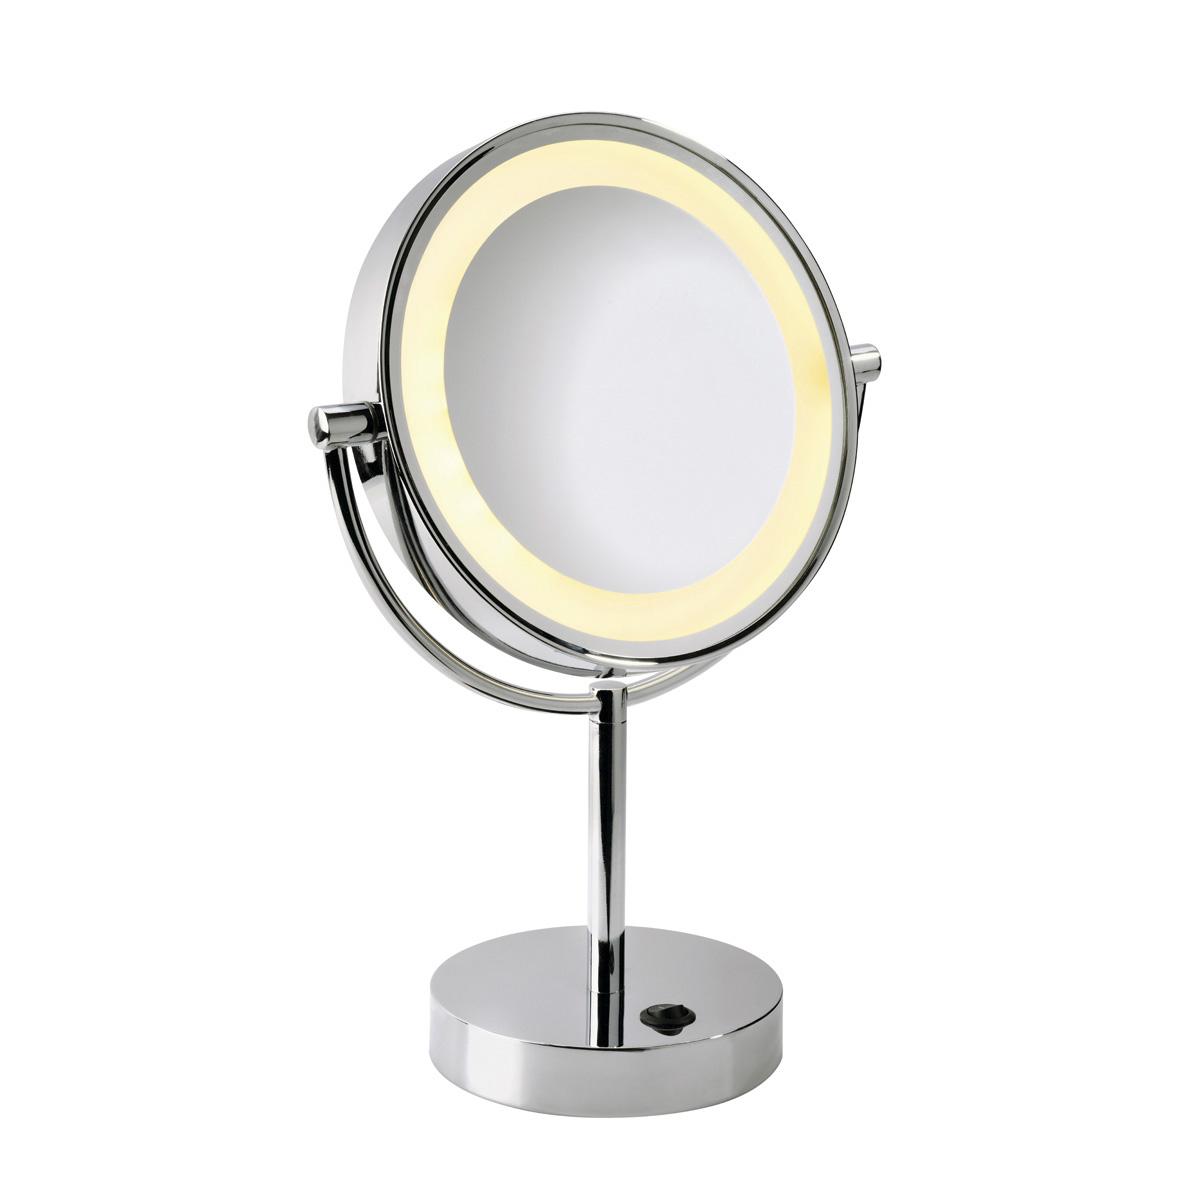 Koop online VISSARDO TAFEL make-up spiegel chroom 1xLED 3000K ...